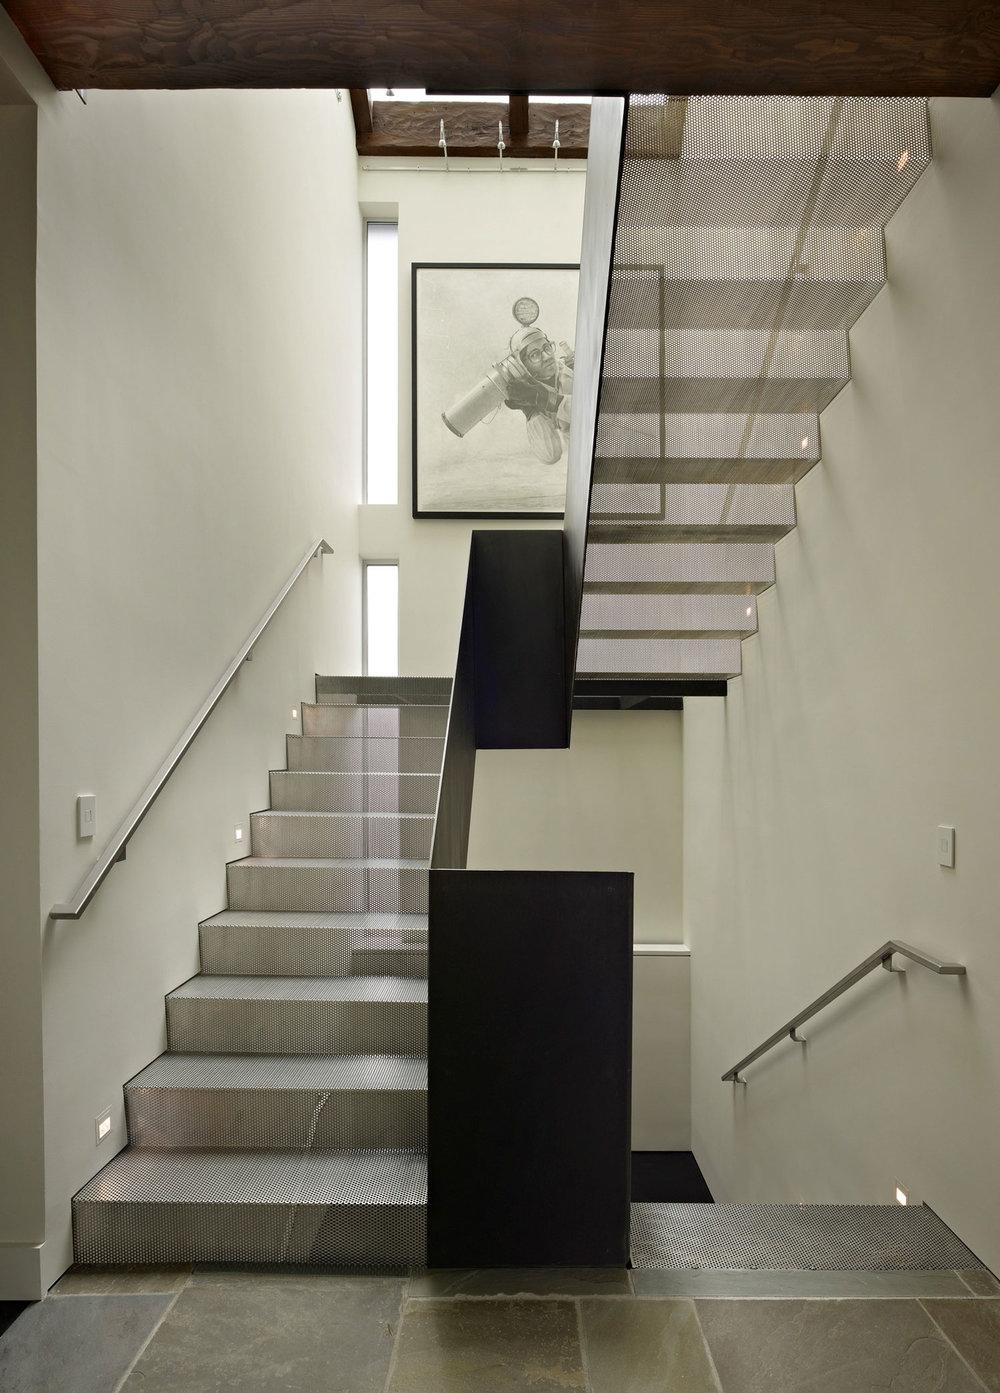 a_Leschi_stair2web.jpg